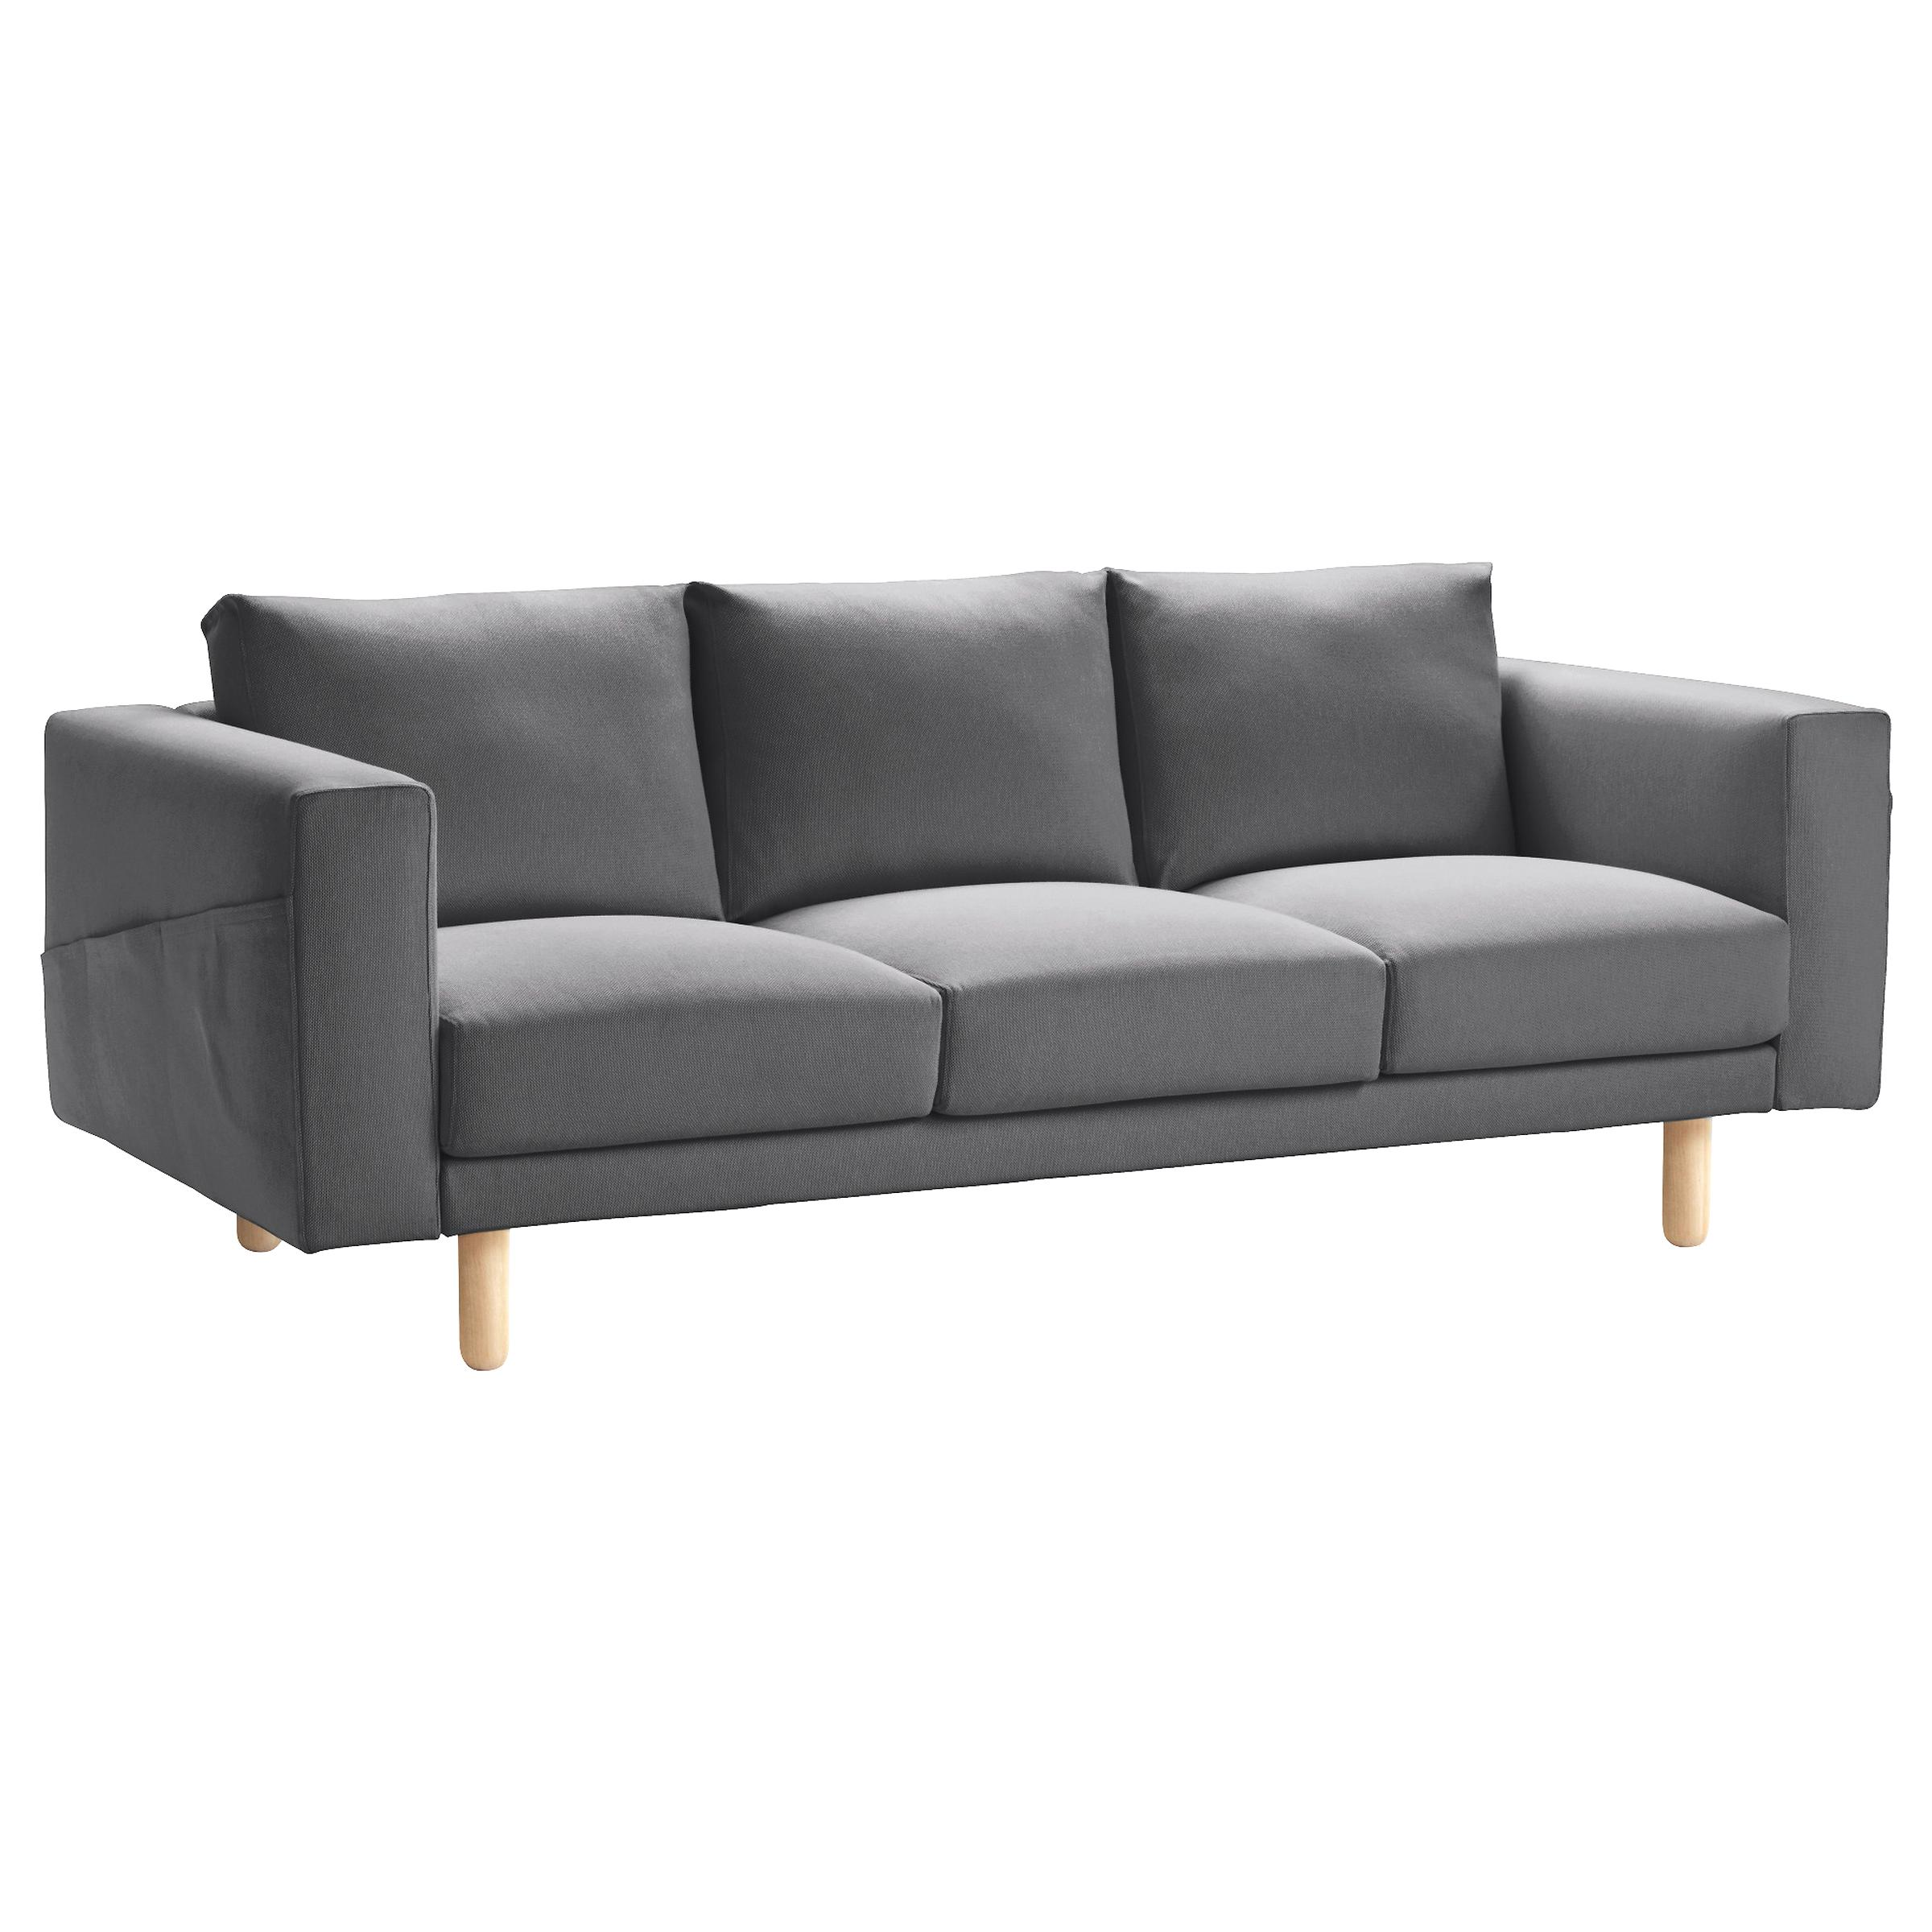 Full Size of Ikea Sofa 3 Sitzer Gebraucht Kaufen Nur St Bis 75 Gnstiger Betten Mit Stauraum L Schlaffunktion Bett 180x200 Lattenrost Und Matratze Zweisitzer Esstisch 4 Sofa Sofa Mit Relaxfunktion 3 Sitzer